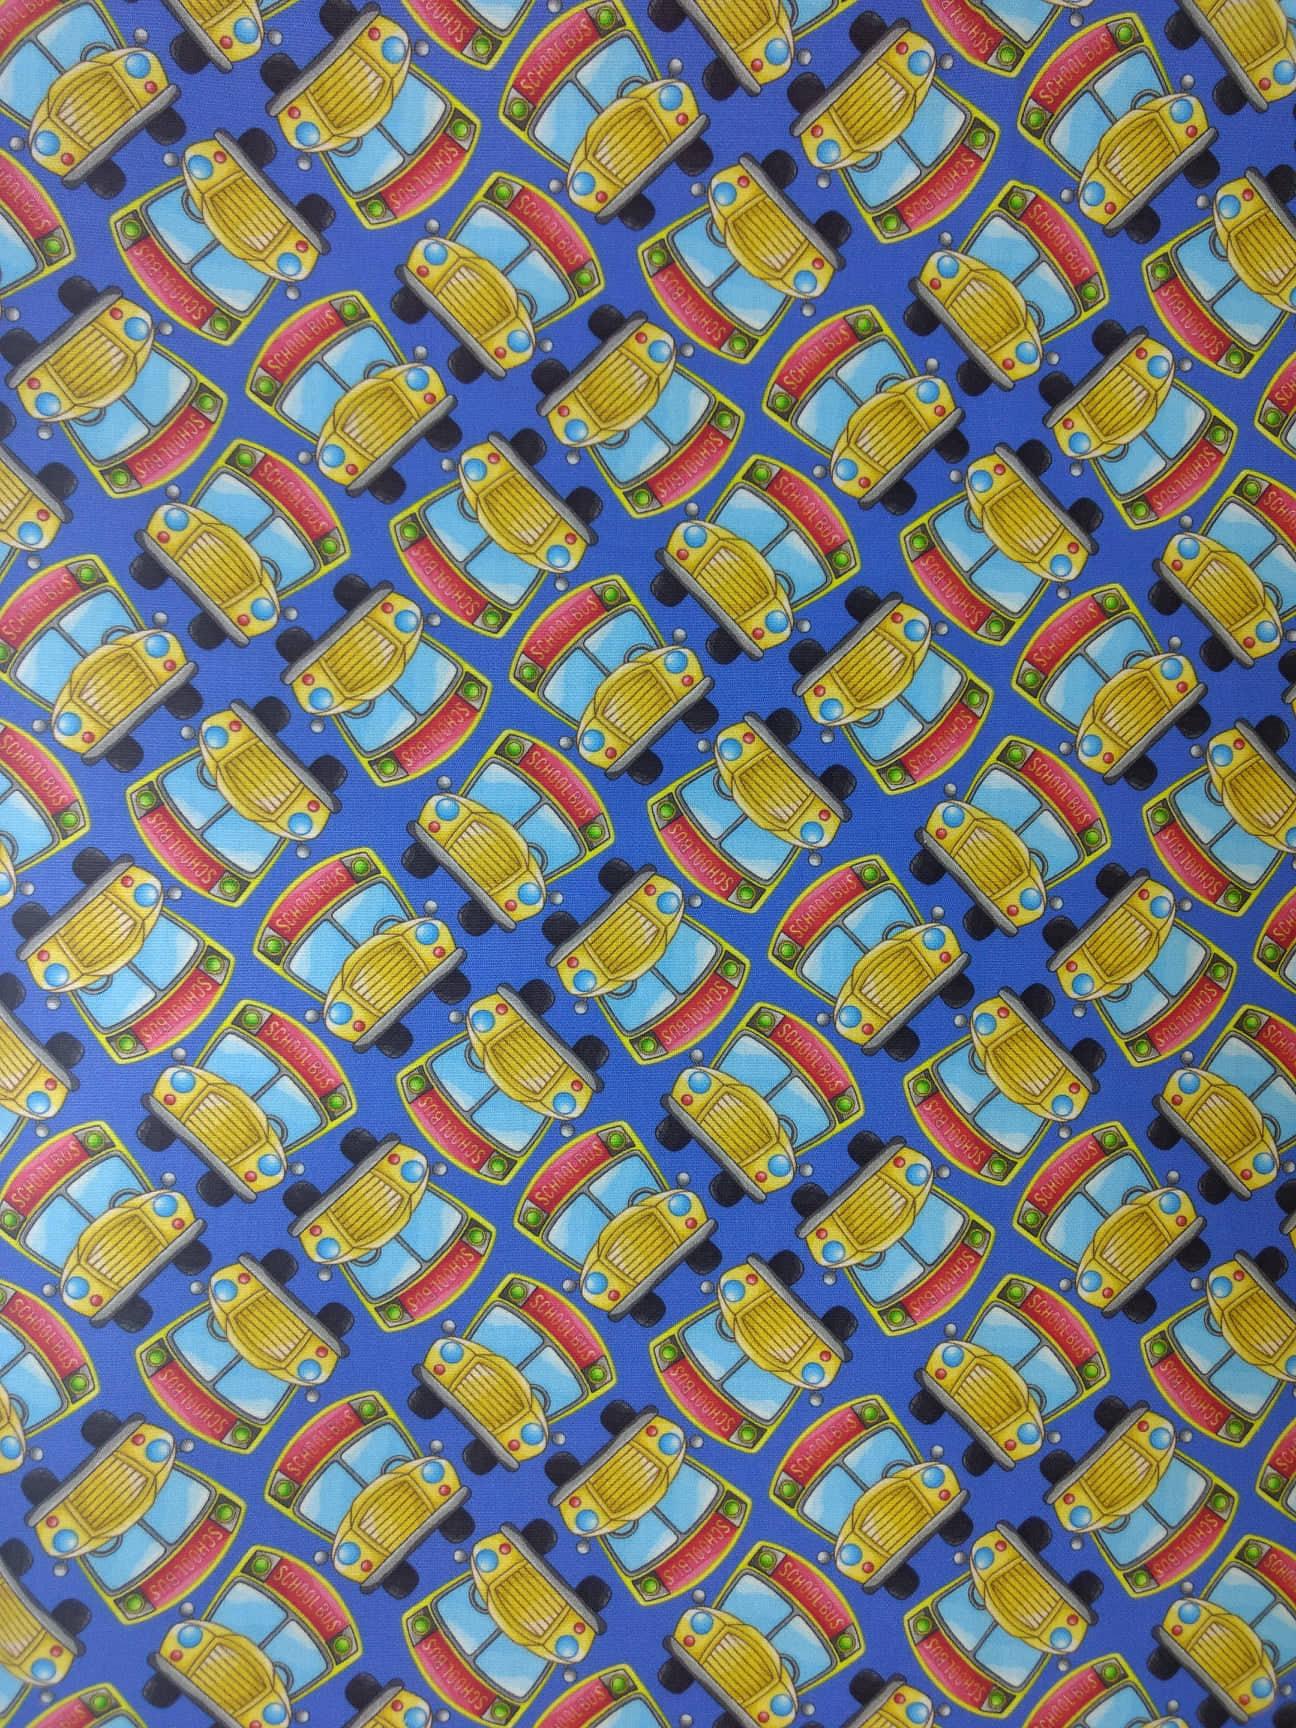 Tecido Tricoline Digital Estampado Ônibus Escolar- Fundo Azul - Preço de 50 cm x 150 cm